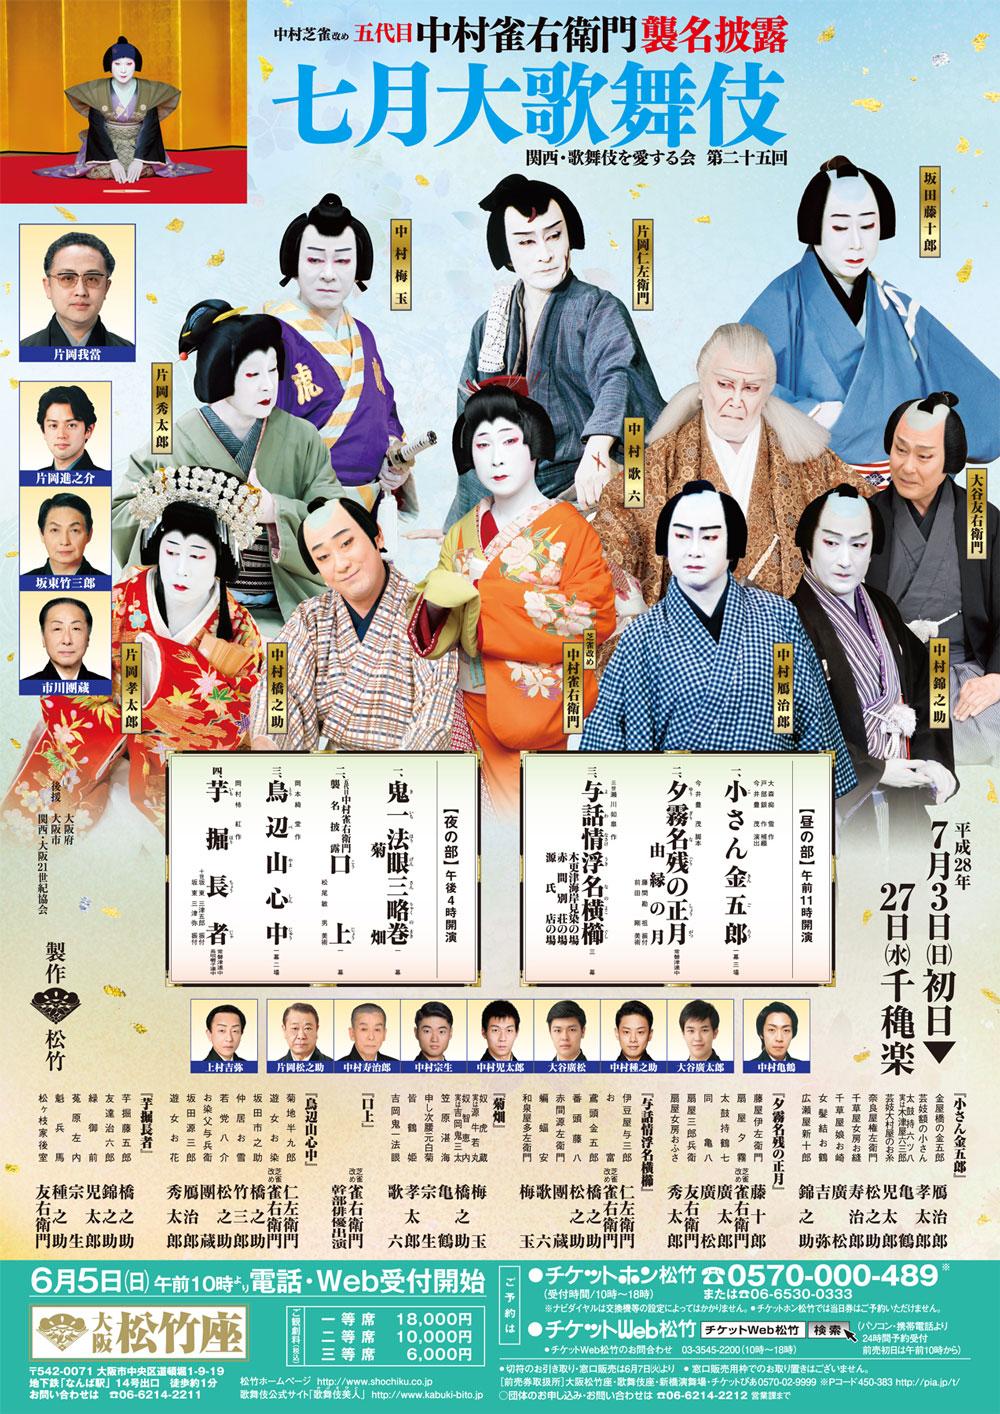 http://www.kabuki-bito.jp/uploads/images/kouen/453/oosaka_201607fffl_b764426777a4a92be671a2e697cf54e0.jpg